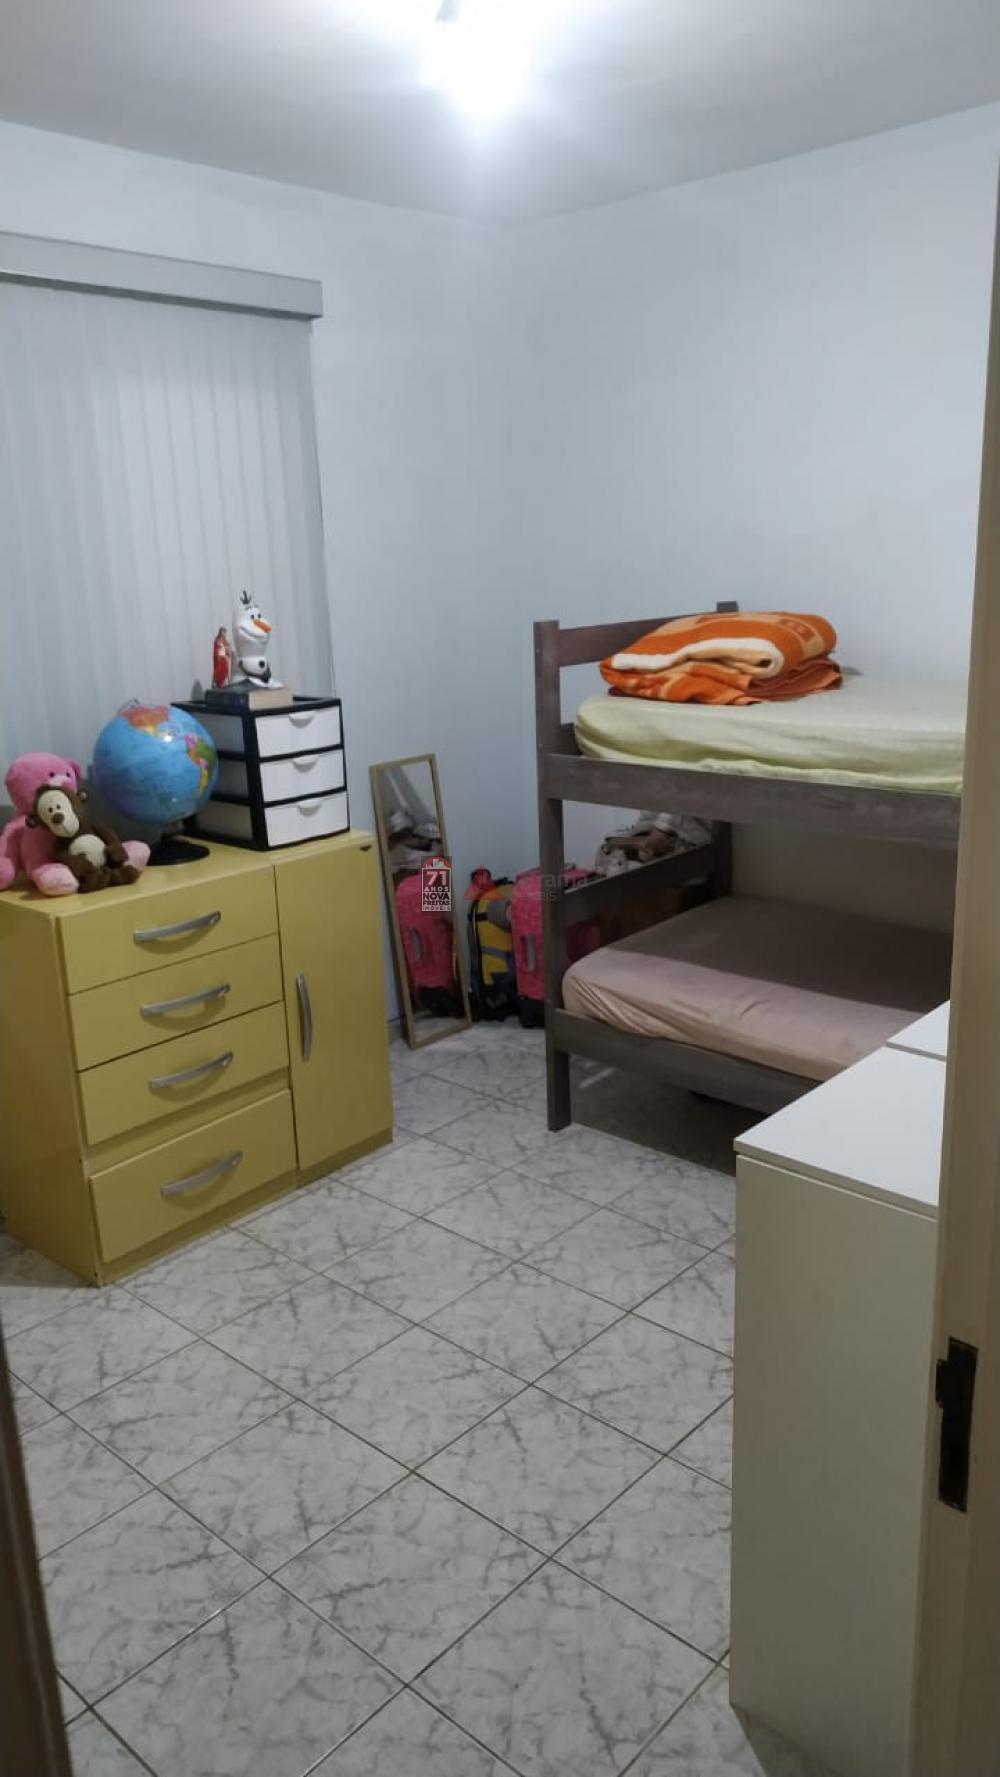 Comprar Apartamento / Padrão em São José dos Campos R$ 240.000,00 - Foto 7